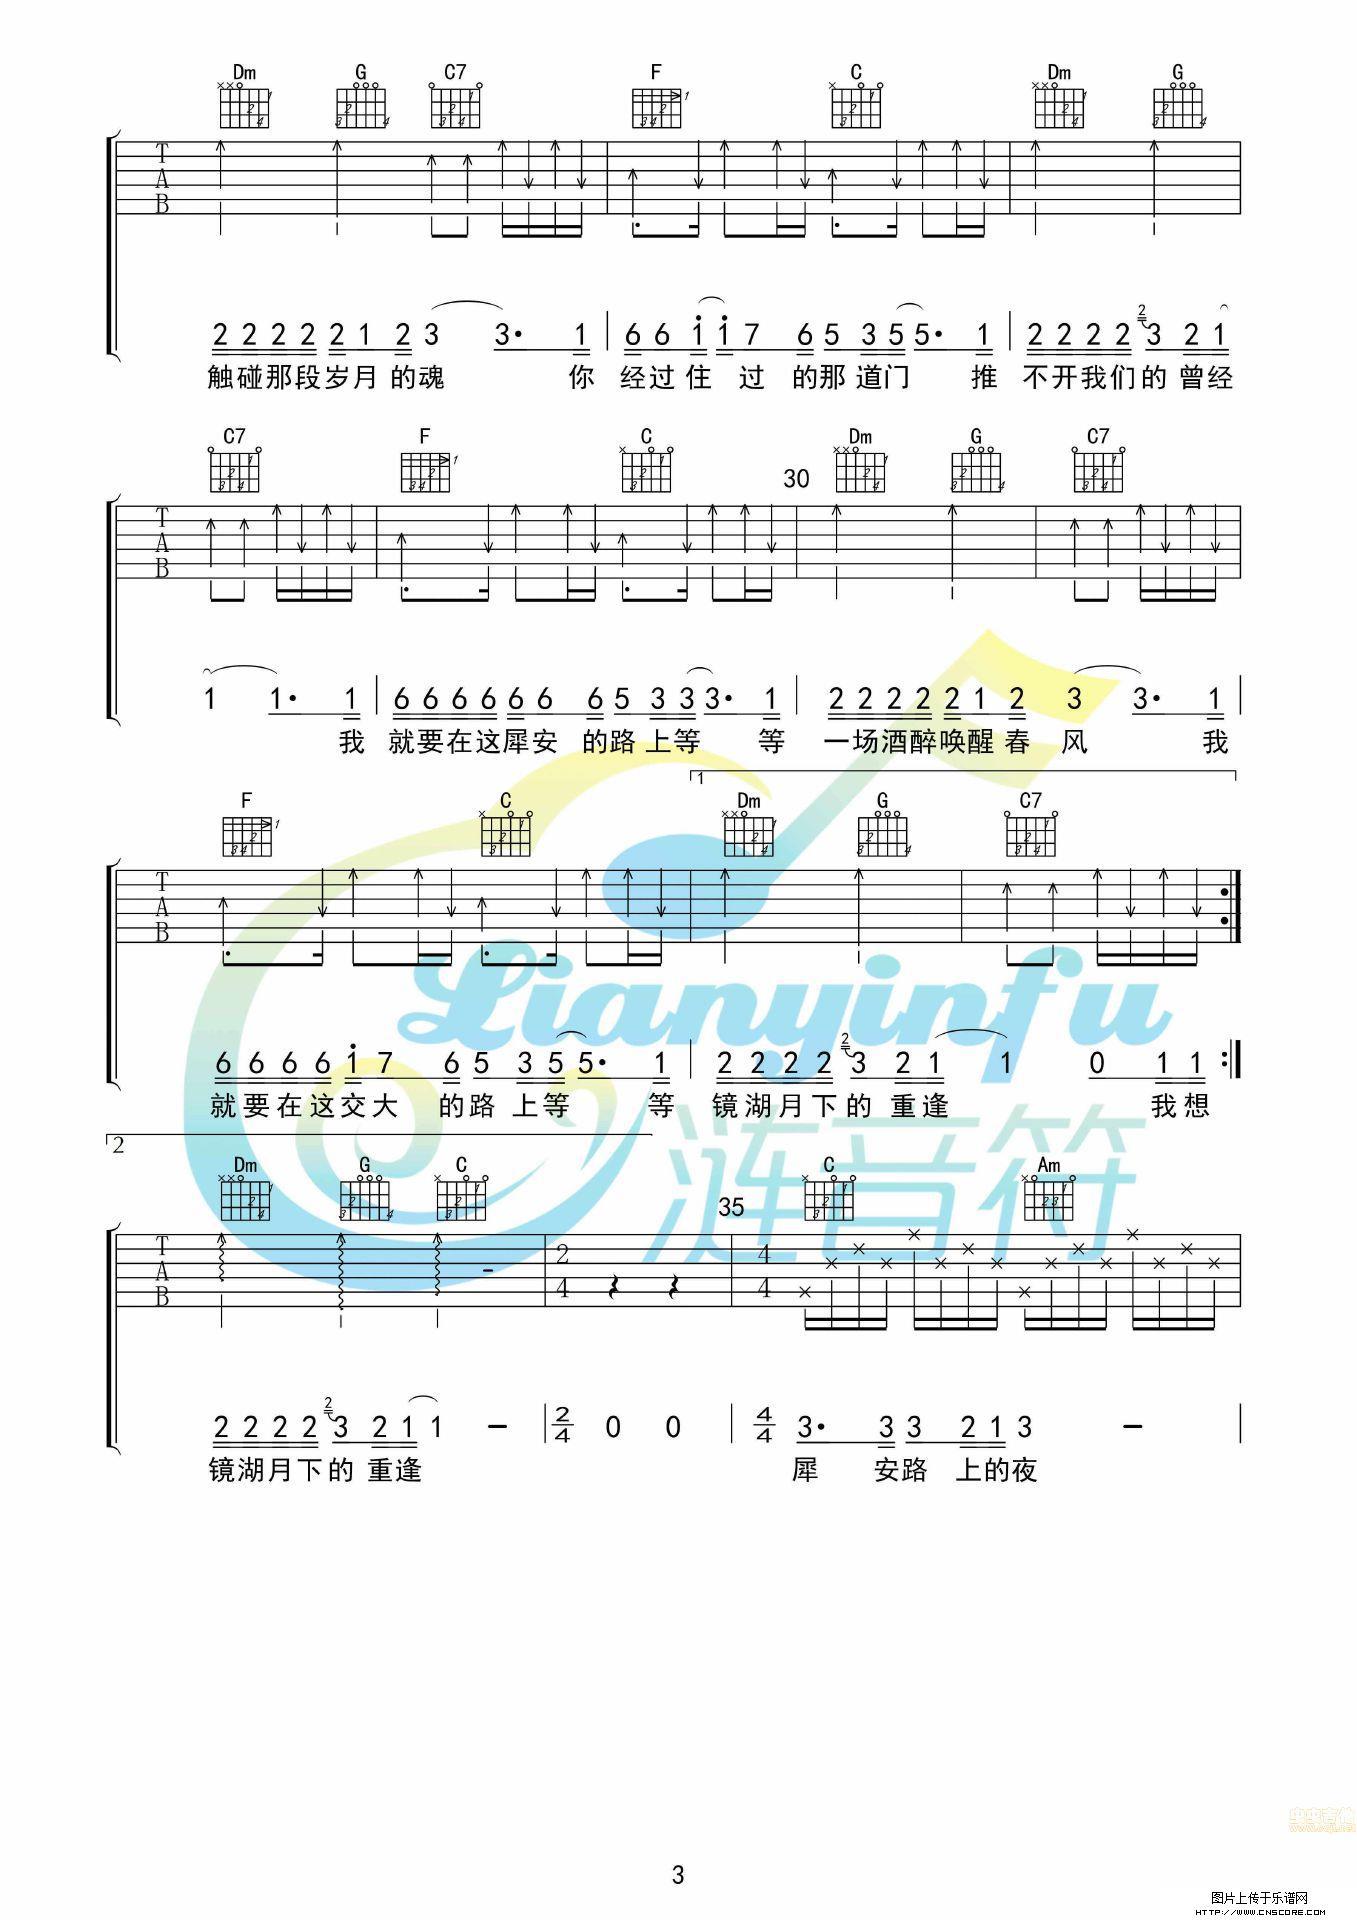 犀安路999号吉他谱图片格式六线谱